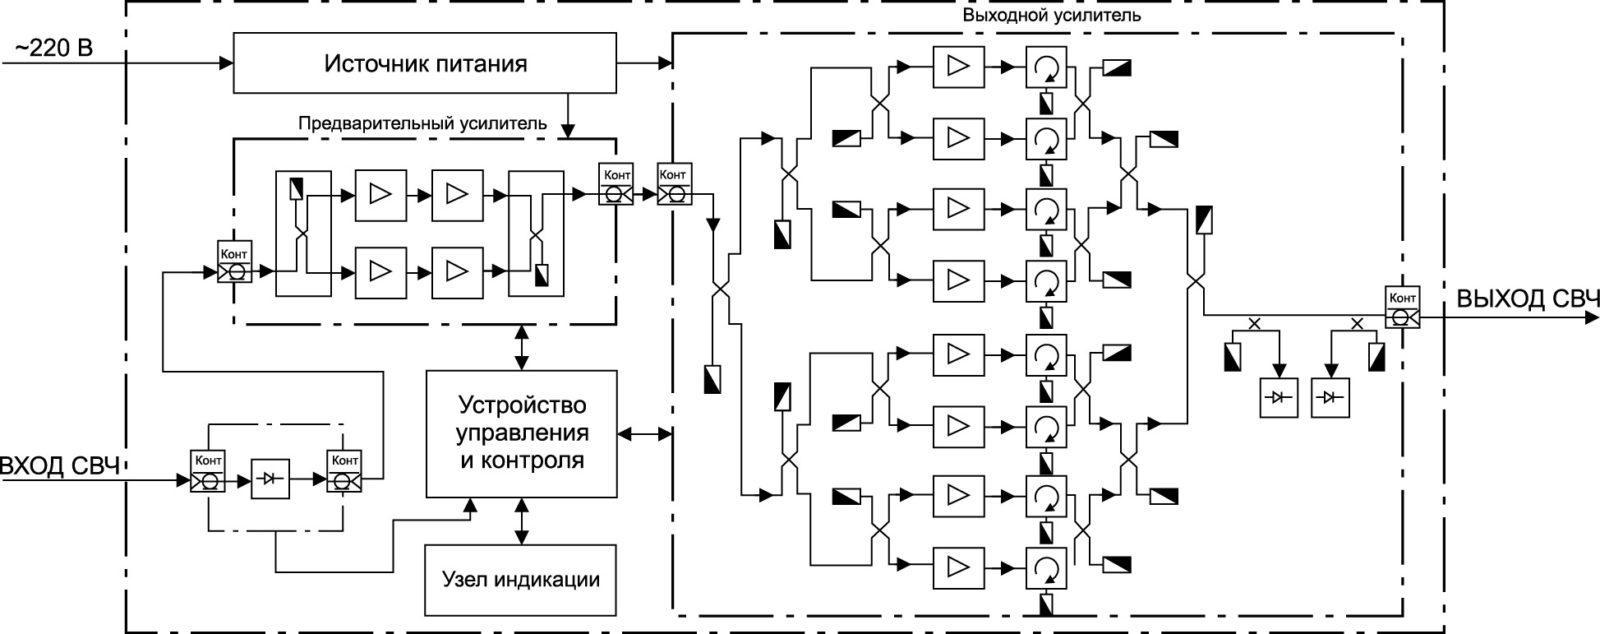 Структурная схема усилителей мощности S- и C-диапазонов